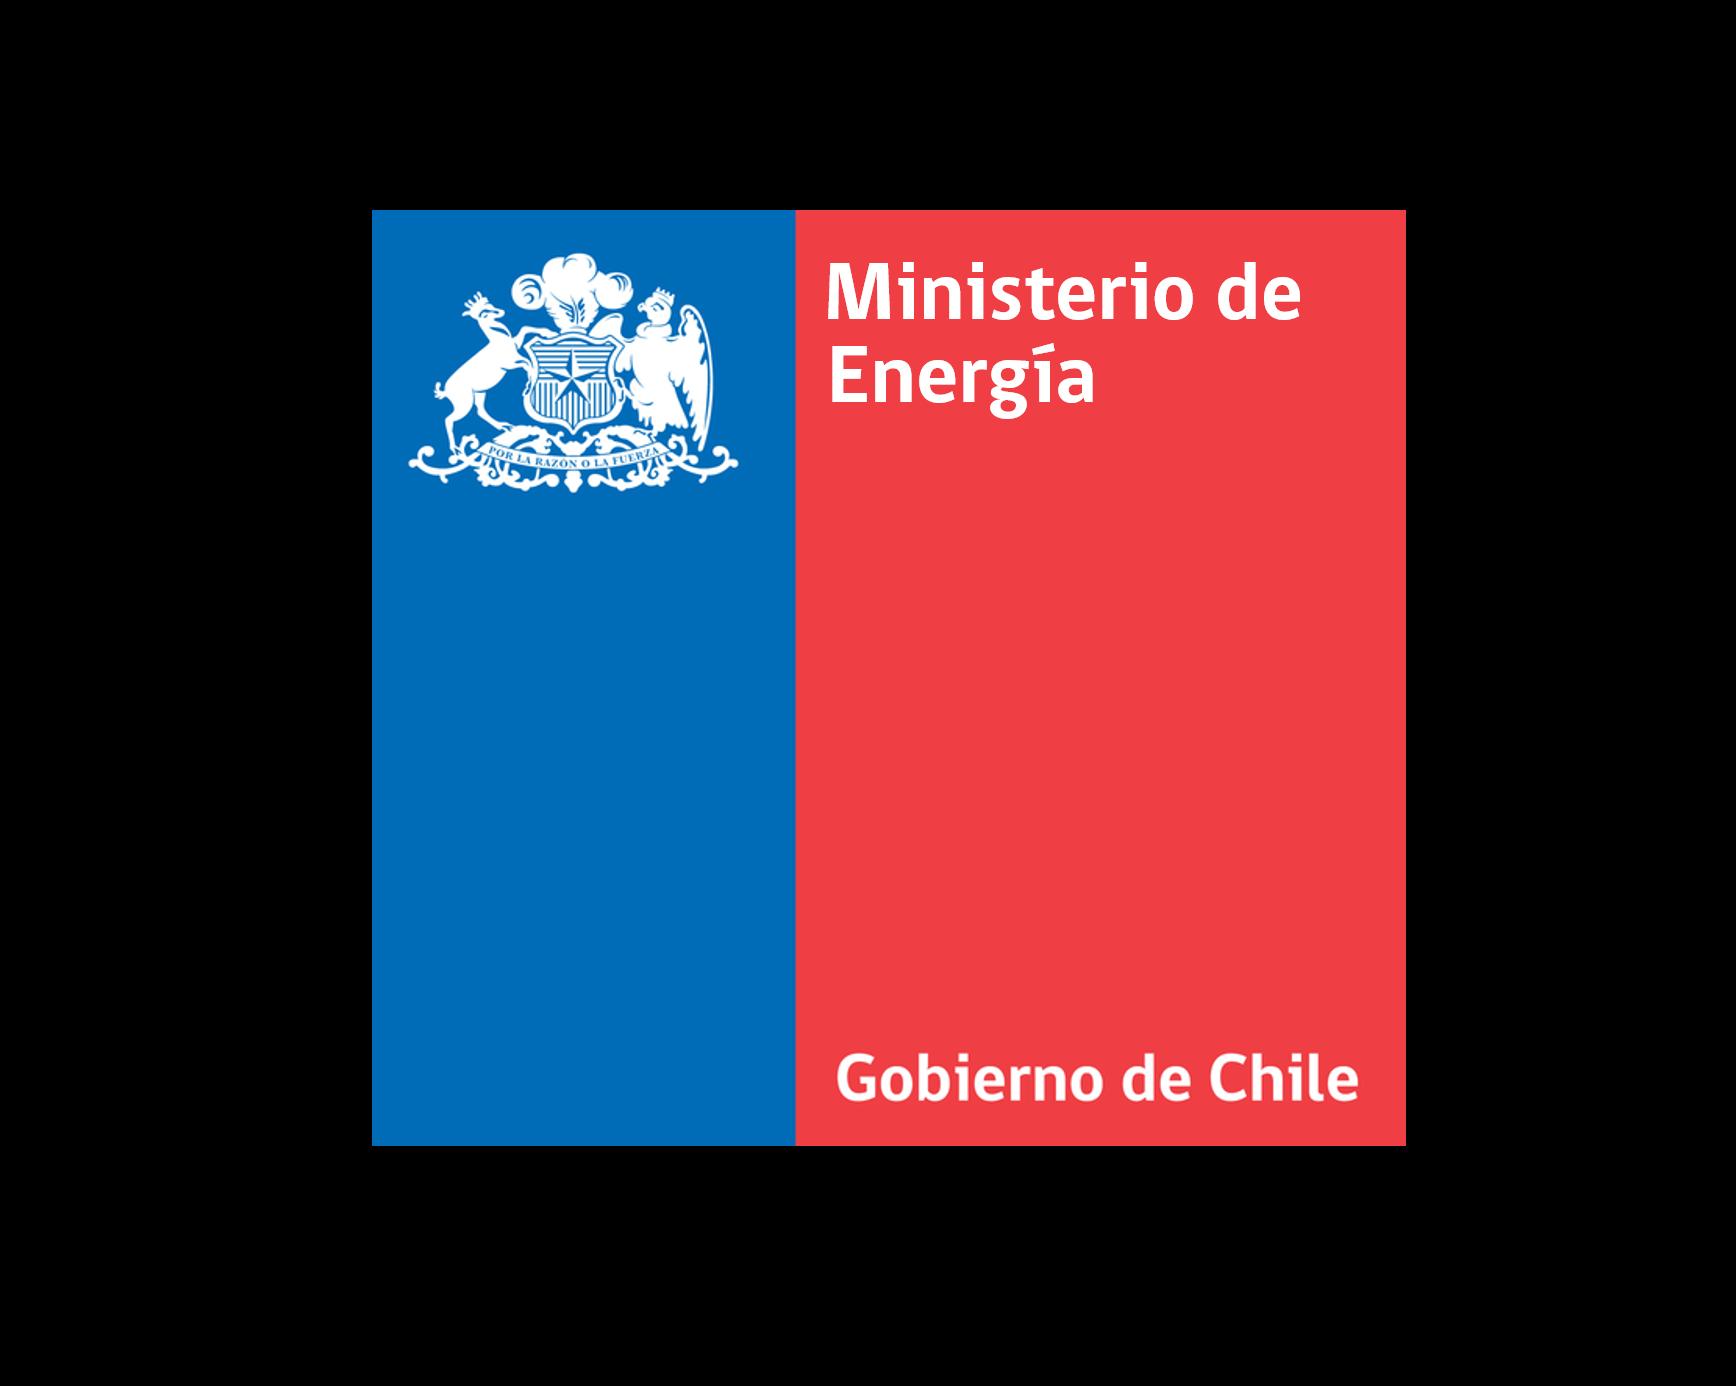 Logotipo_del_Ministerio_de_Energía_de_Chile